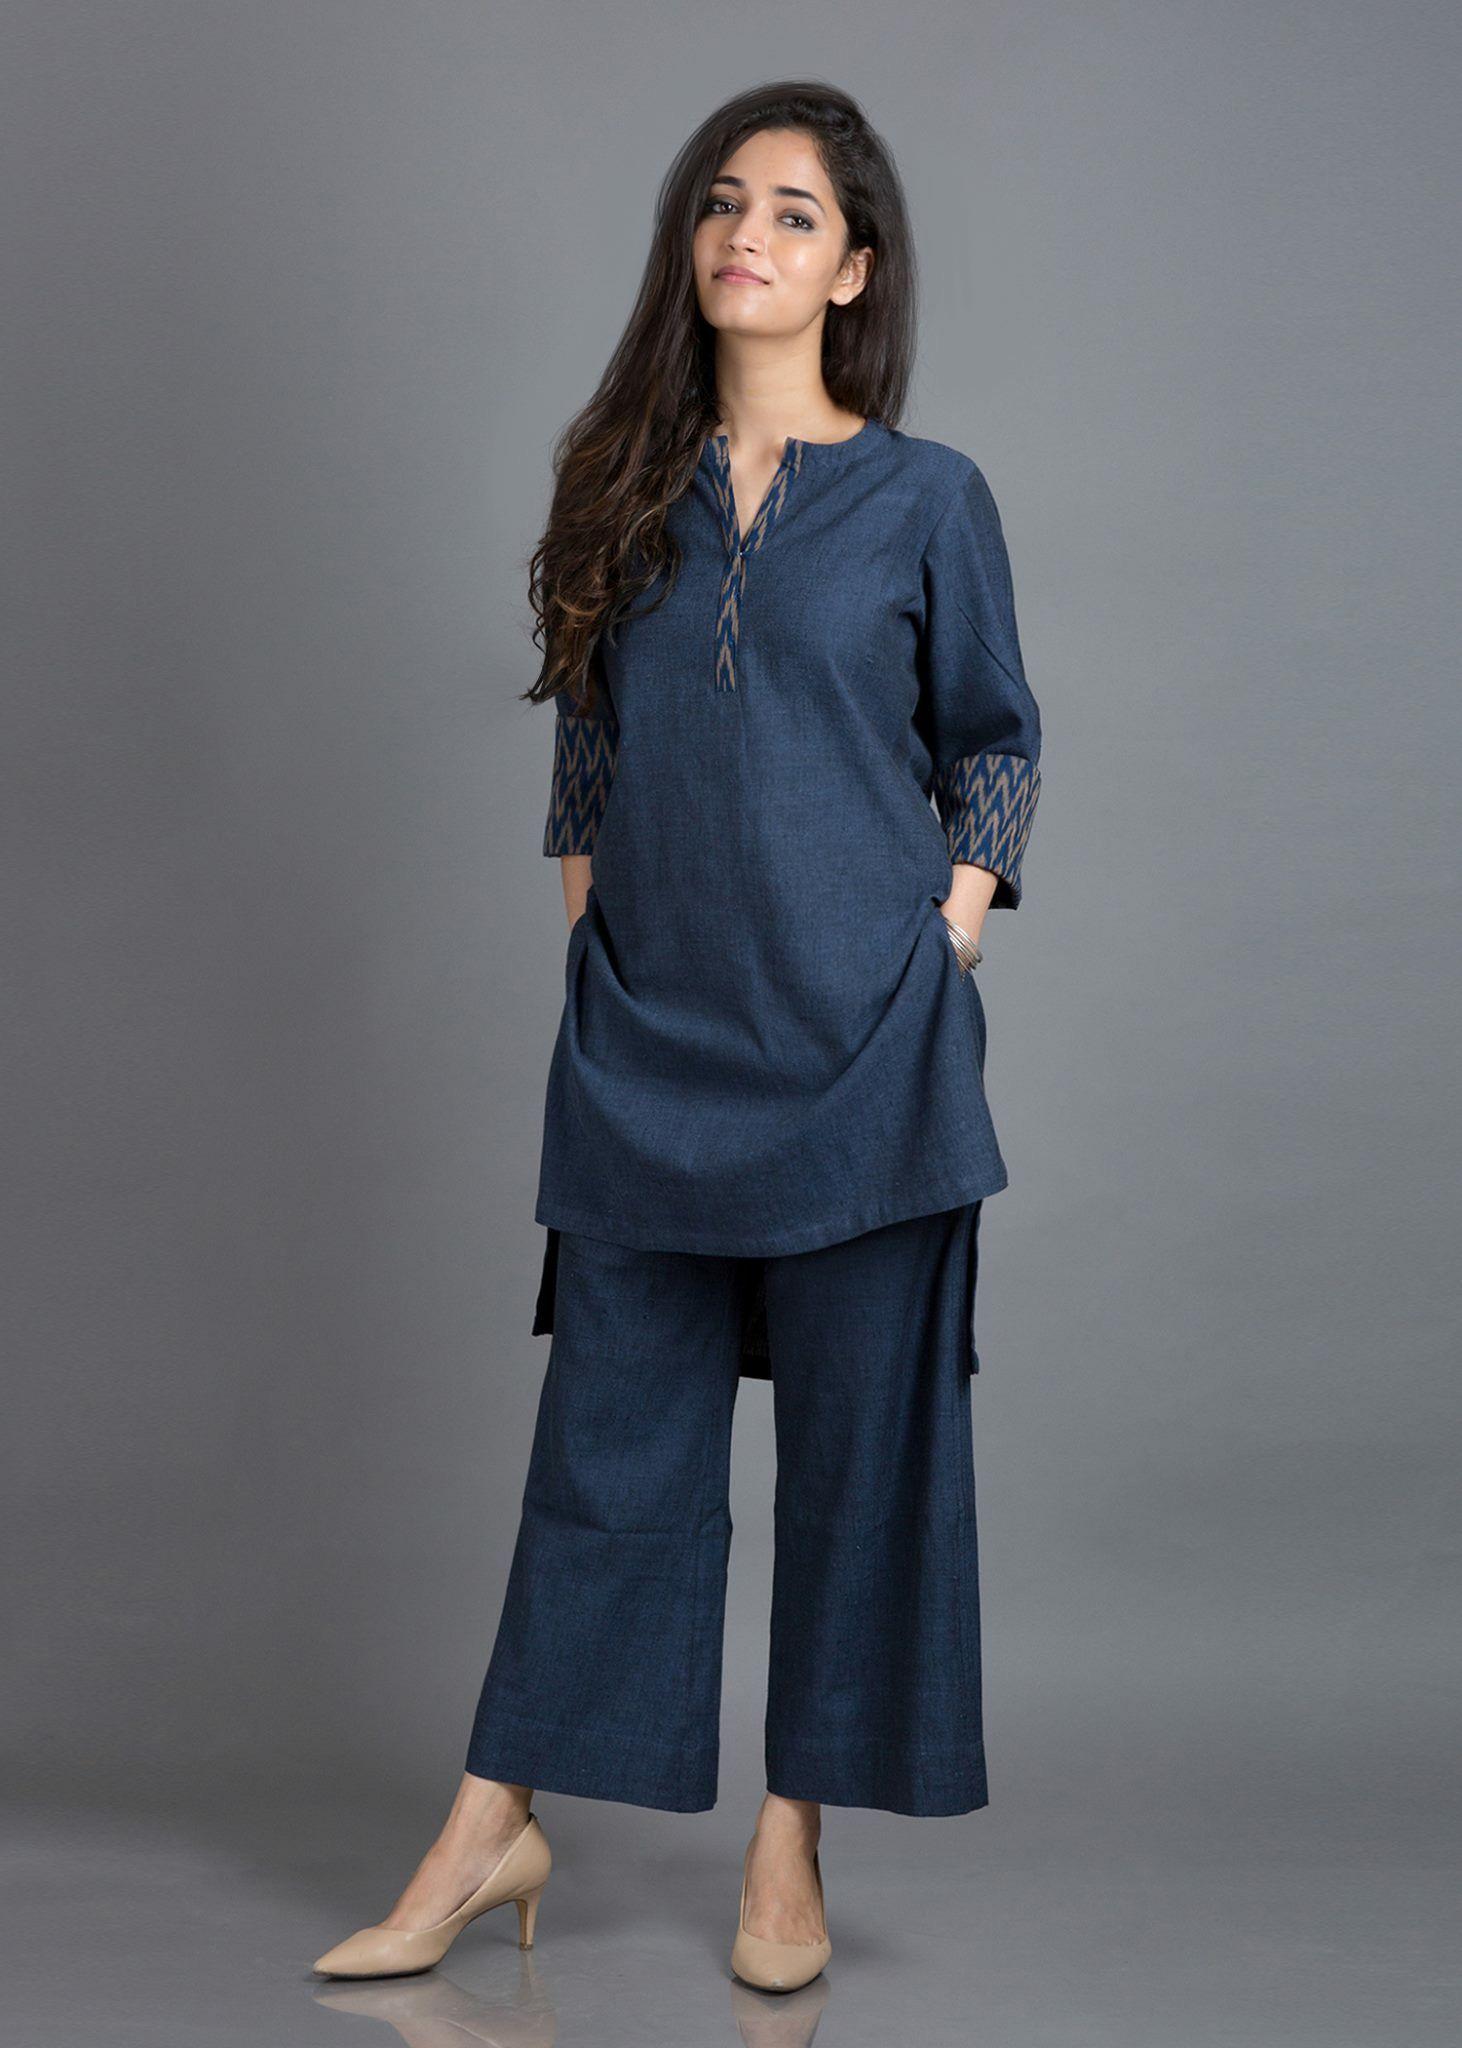 Sweet And Cute  Kurta Style, Kurta Designs Women, Cotton -5708